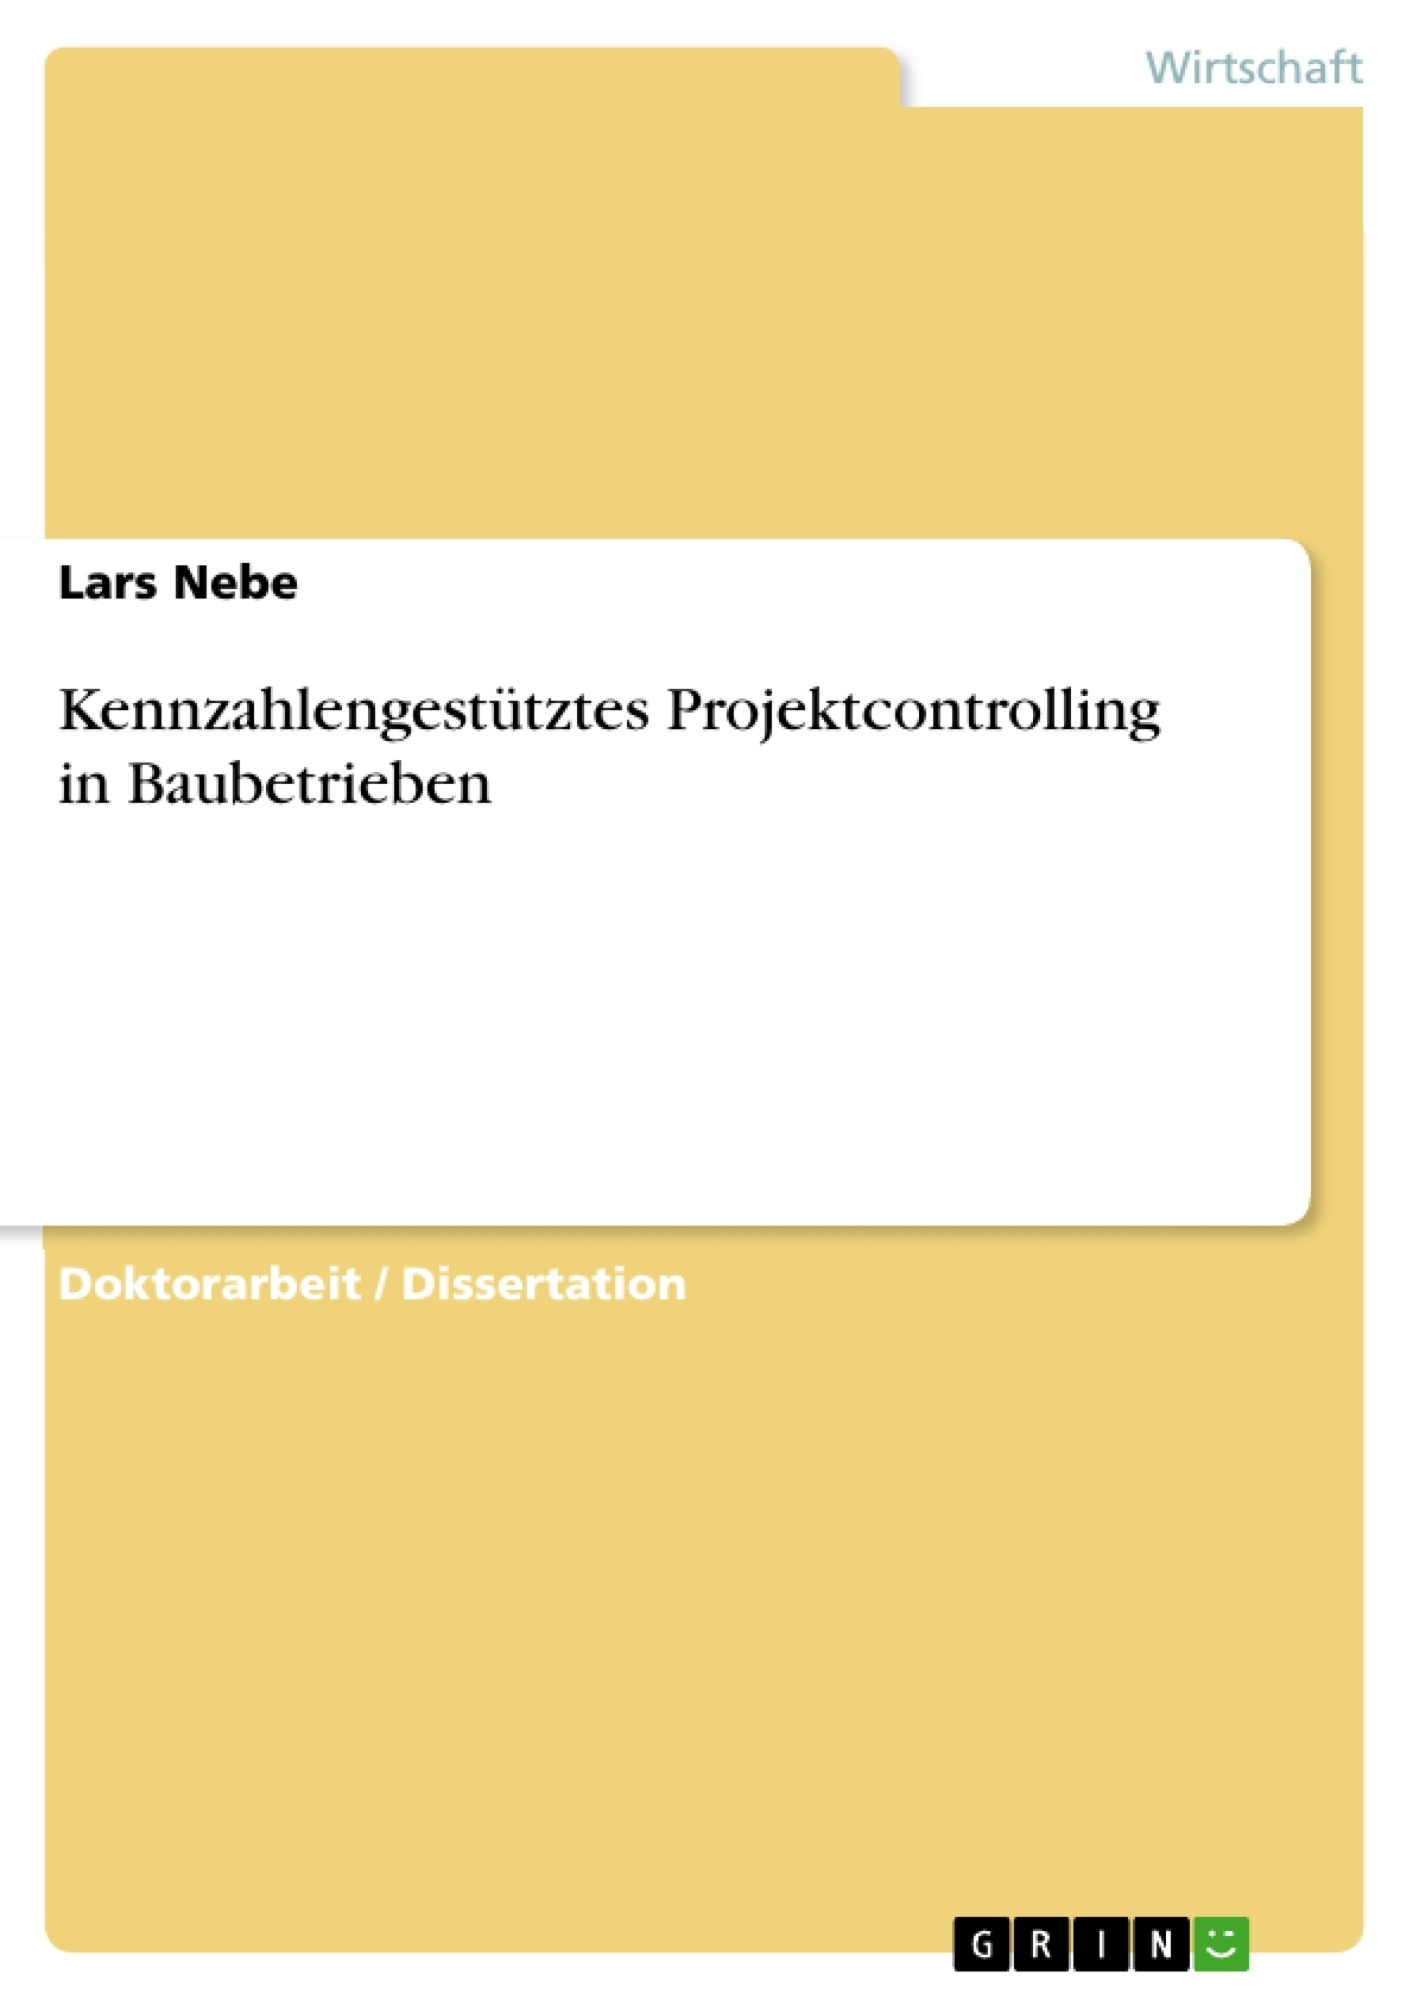 Titel: Kennzahlengestütztes Projektcontrolling in Baubetrieben